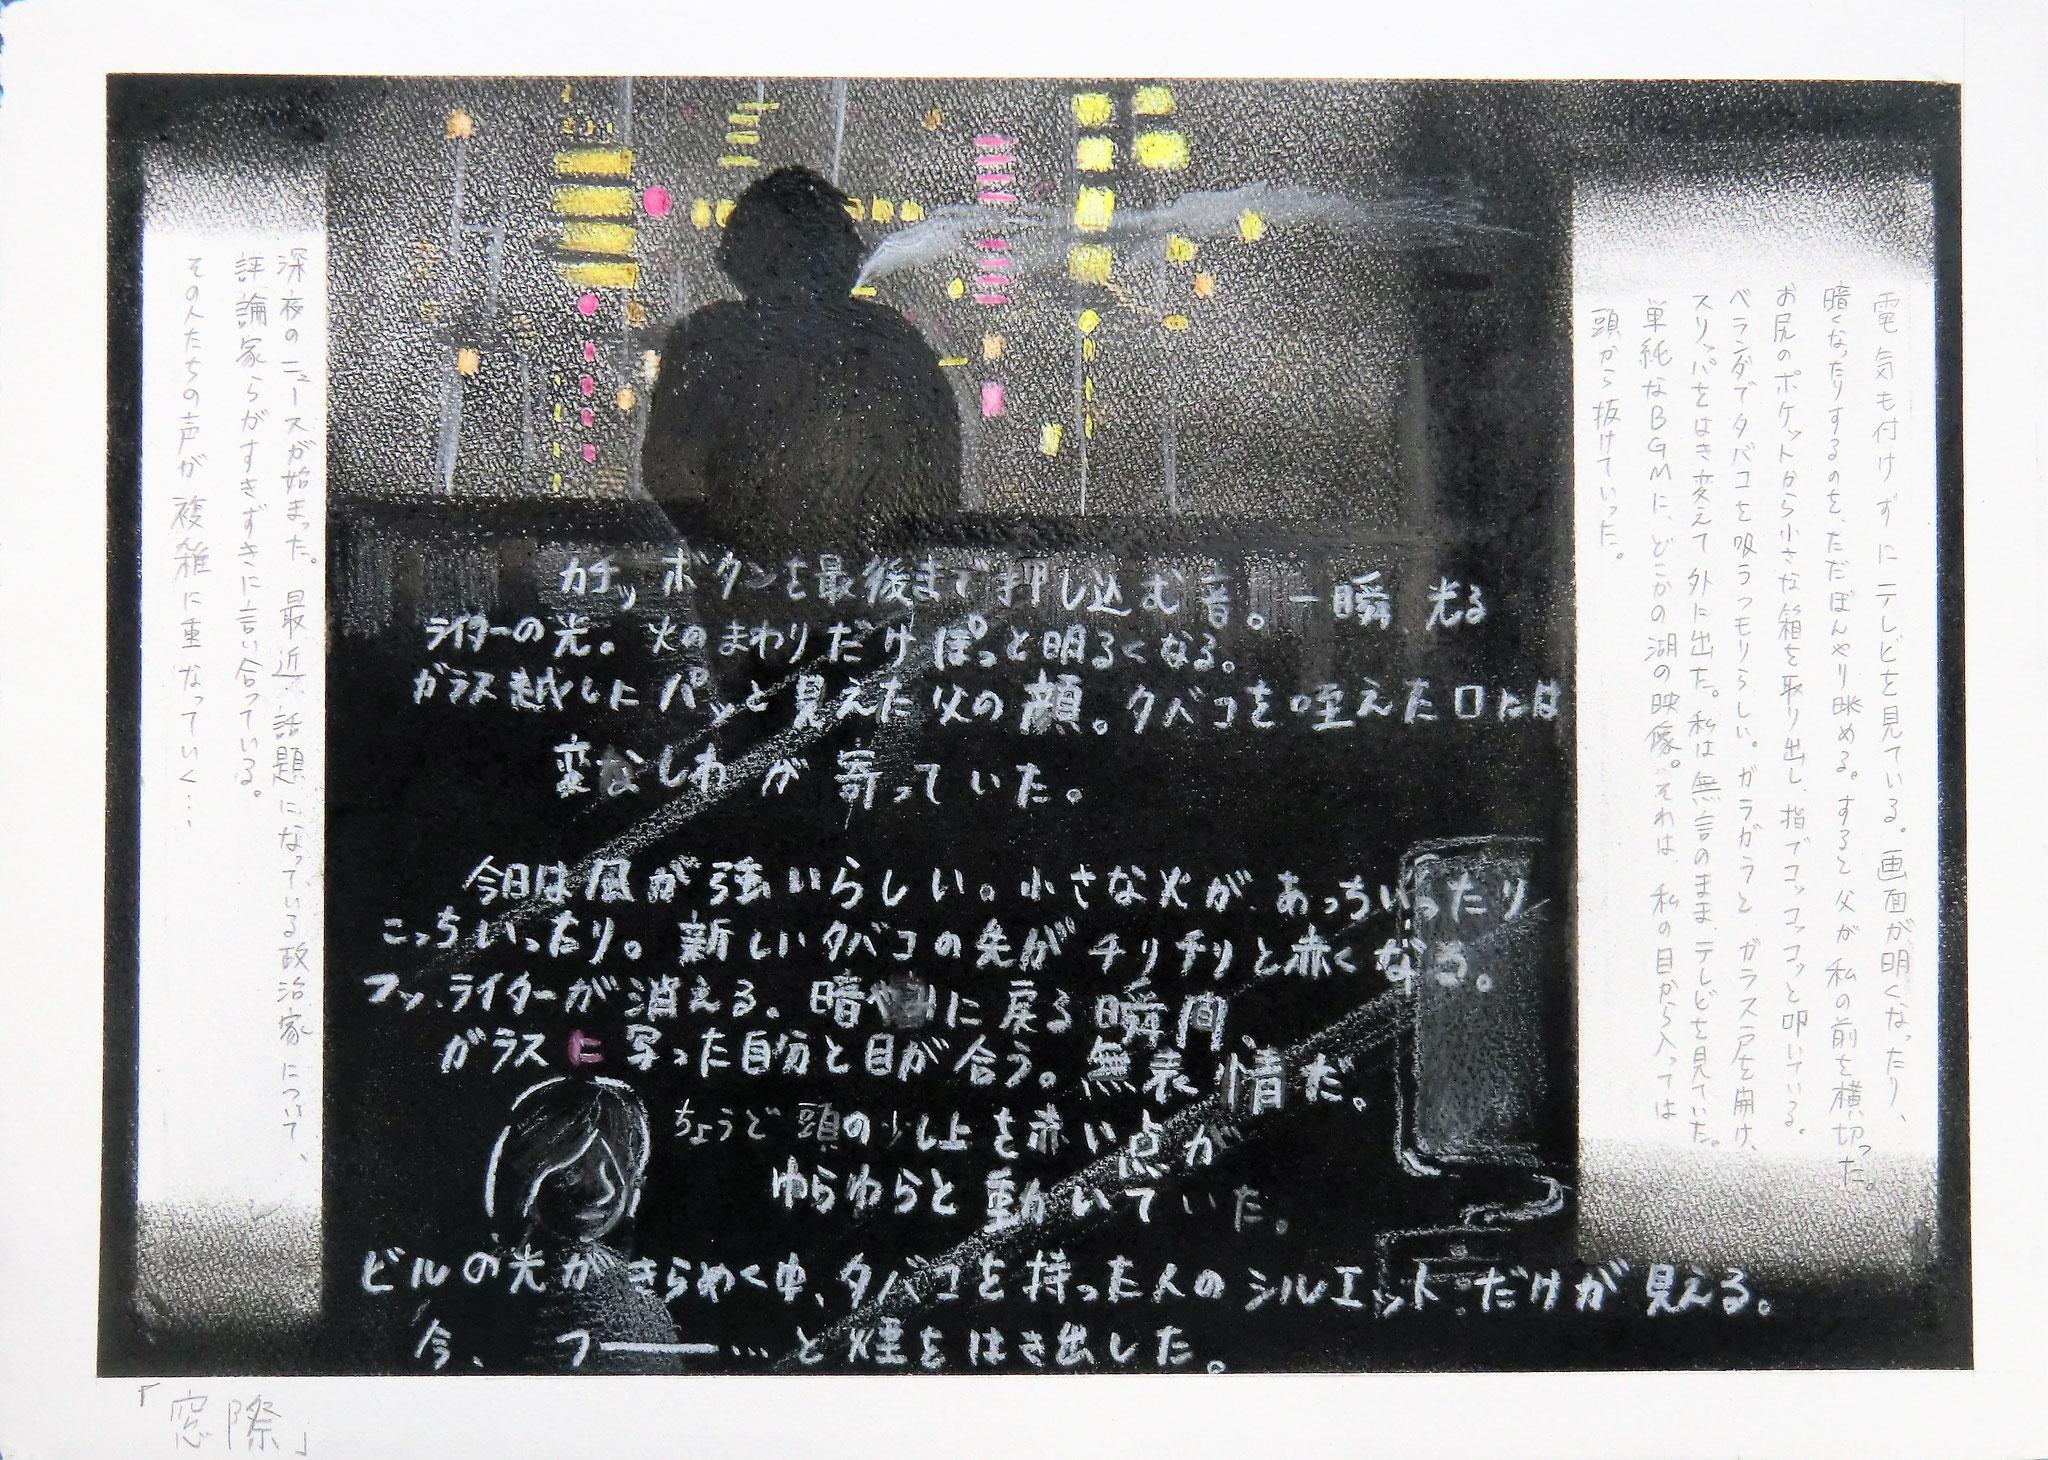 生徒作品121  「窓際」から想起する場所のイメージ、あるいは出来事のイメージを絵と文章で表現 B3判 画用紙【映像系:武蔵野美大合格】